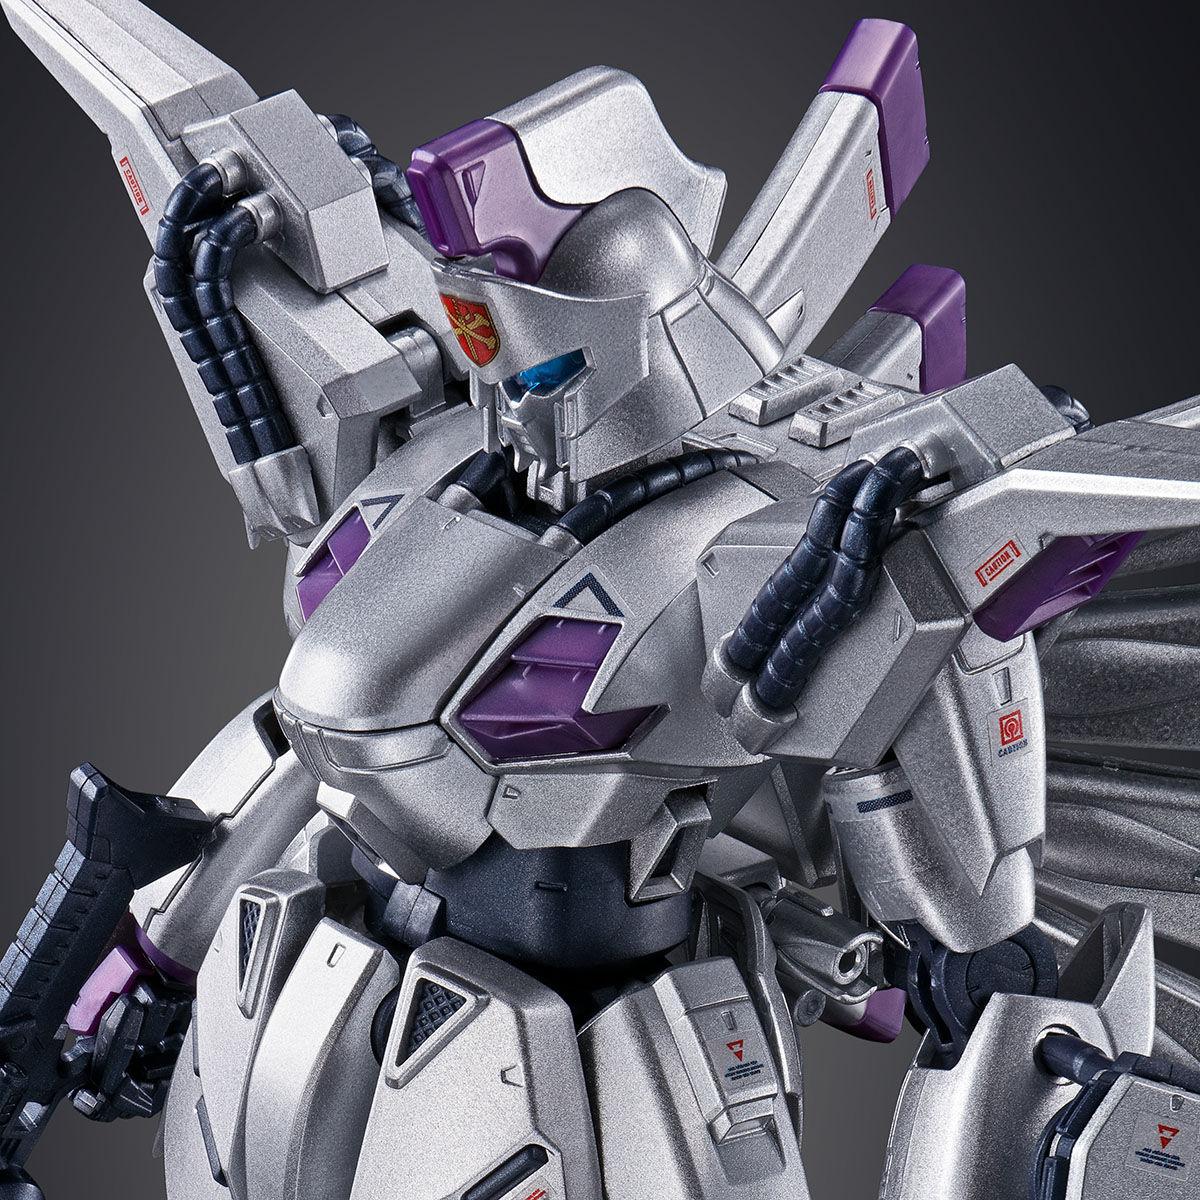 【限定販売】RE/100『ビギナ・ギナ[エクストラフィニッシュ]』1/100 プラモデル-001